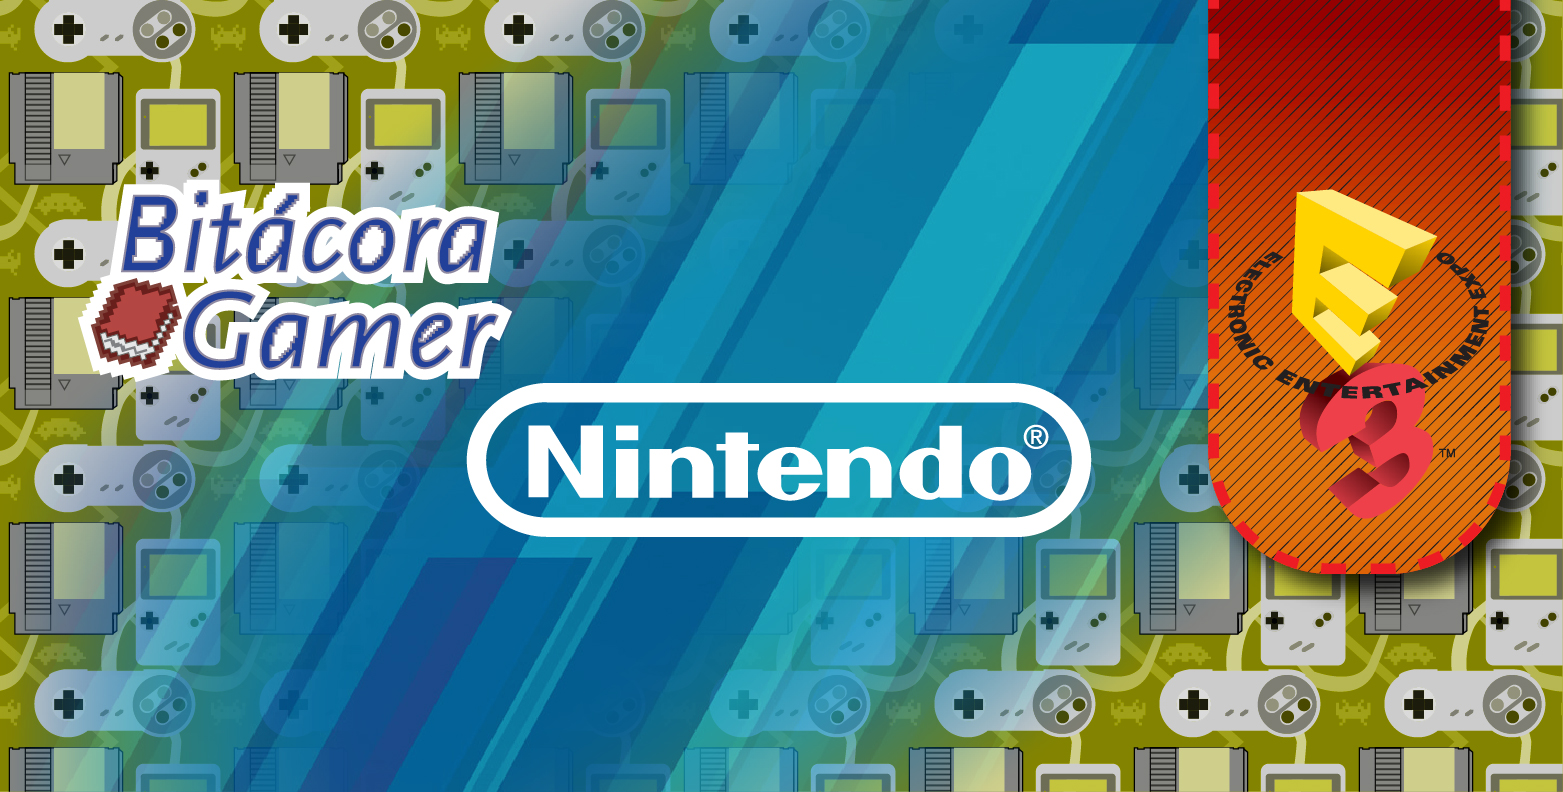 Nintendo E3 2014